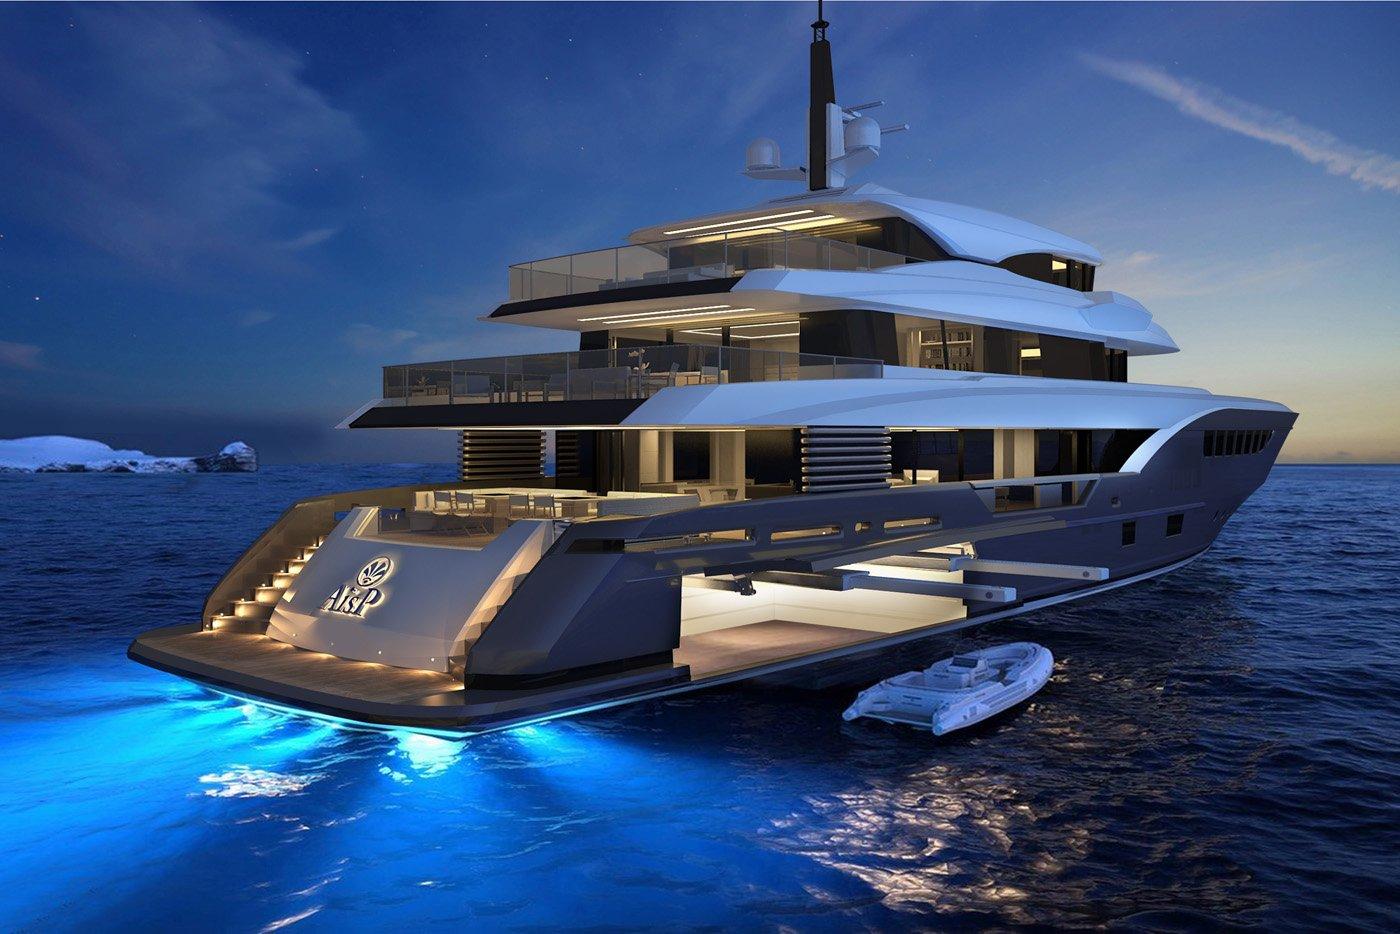 AISP 45 super motor yacht